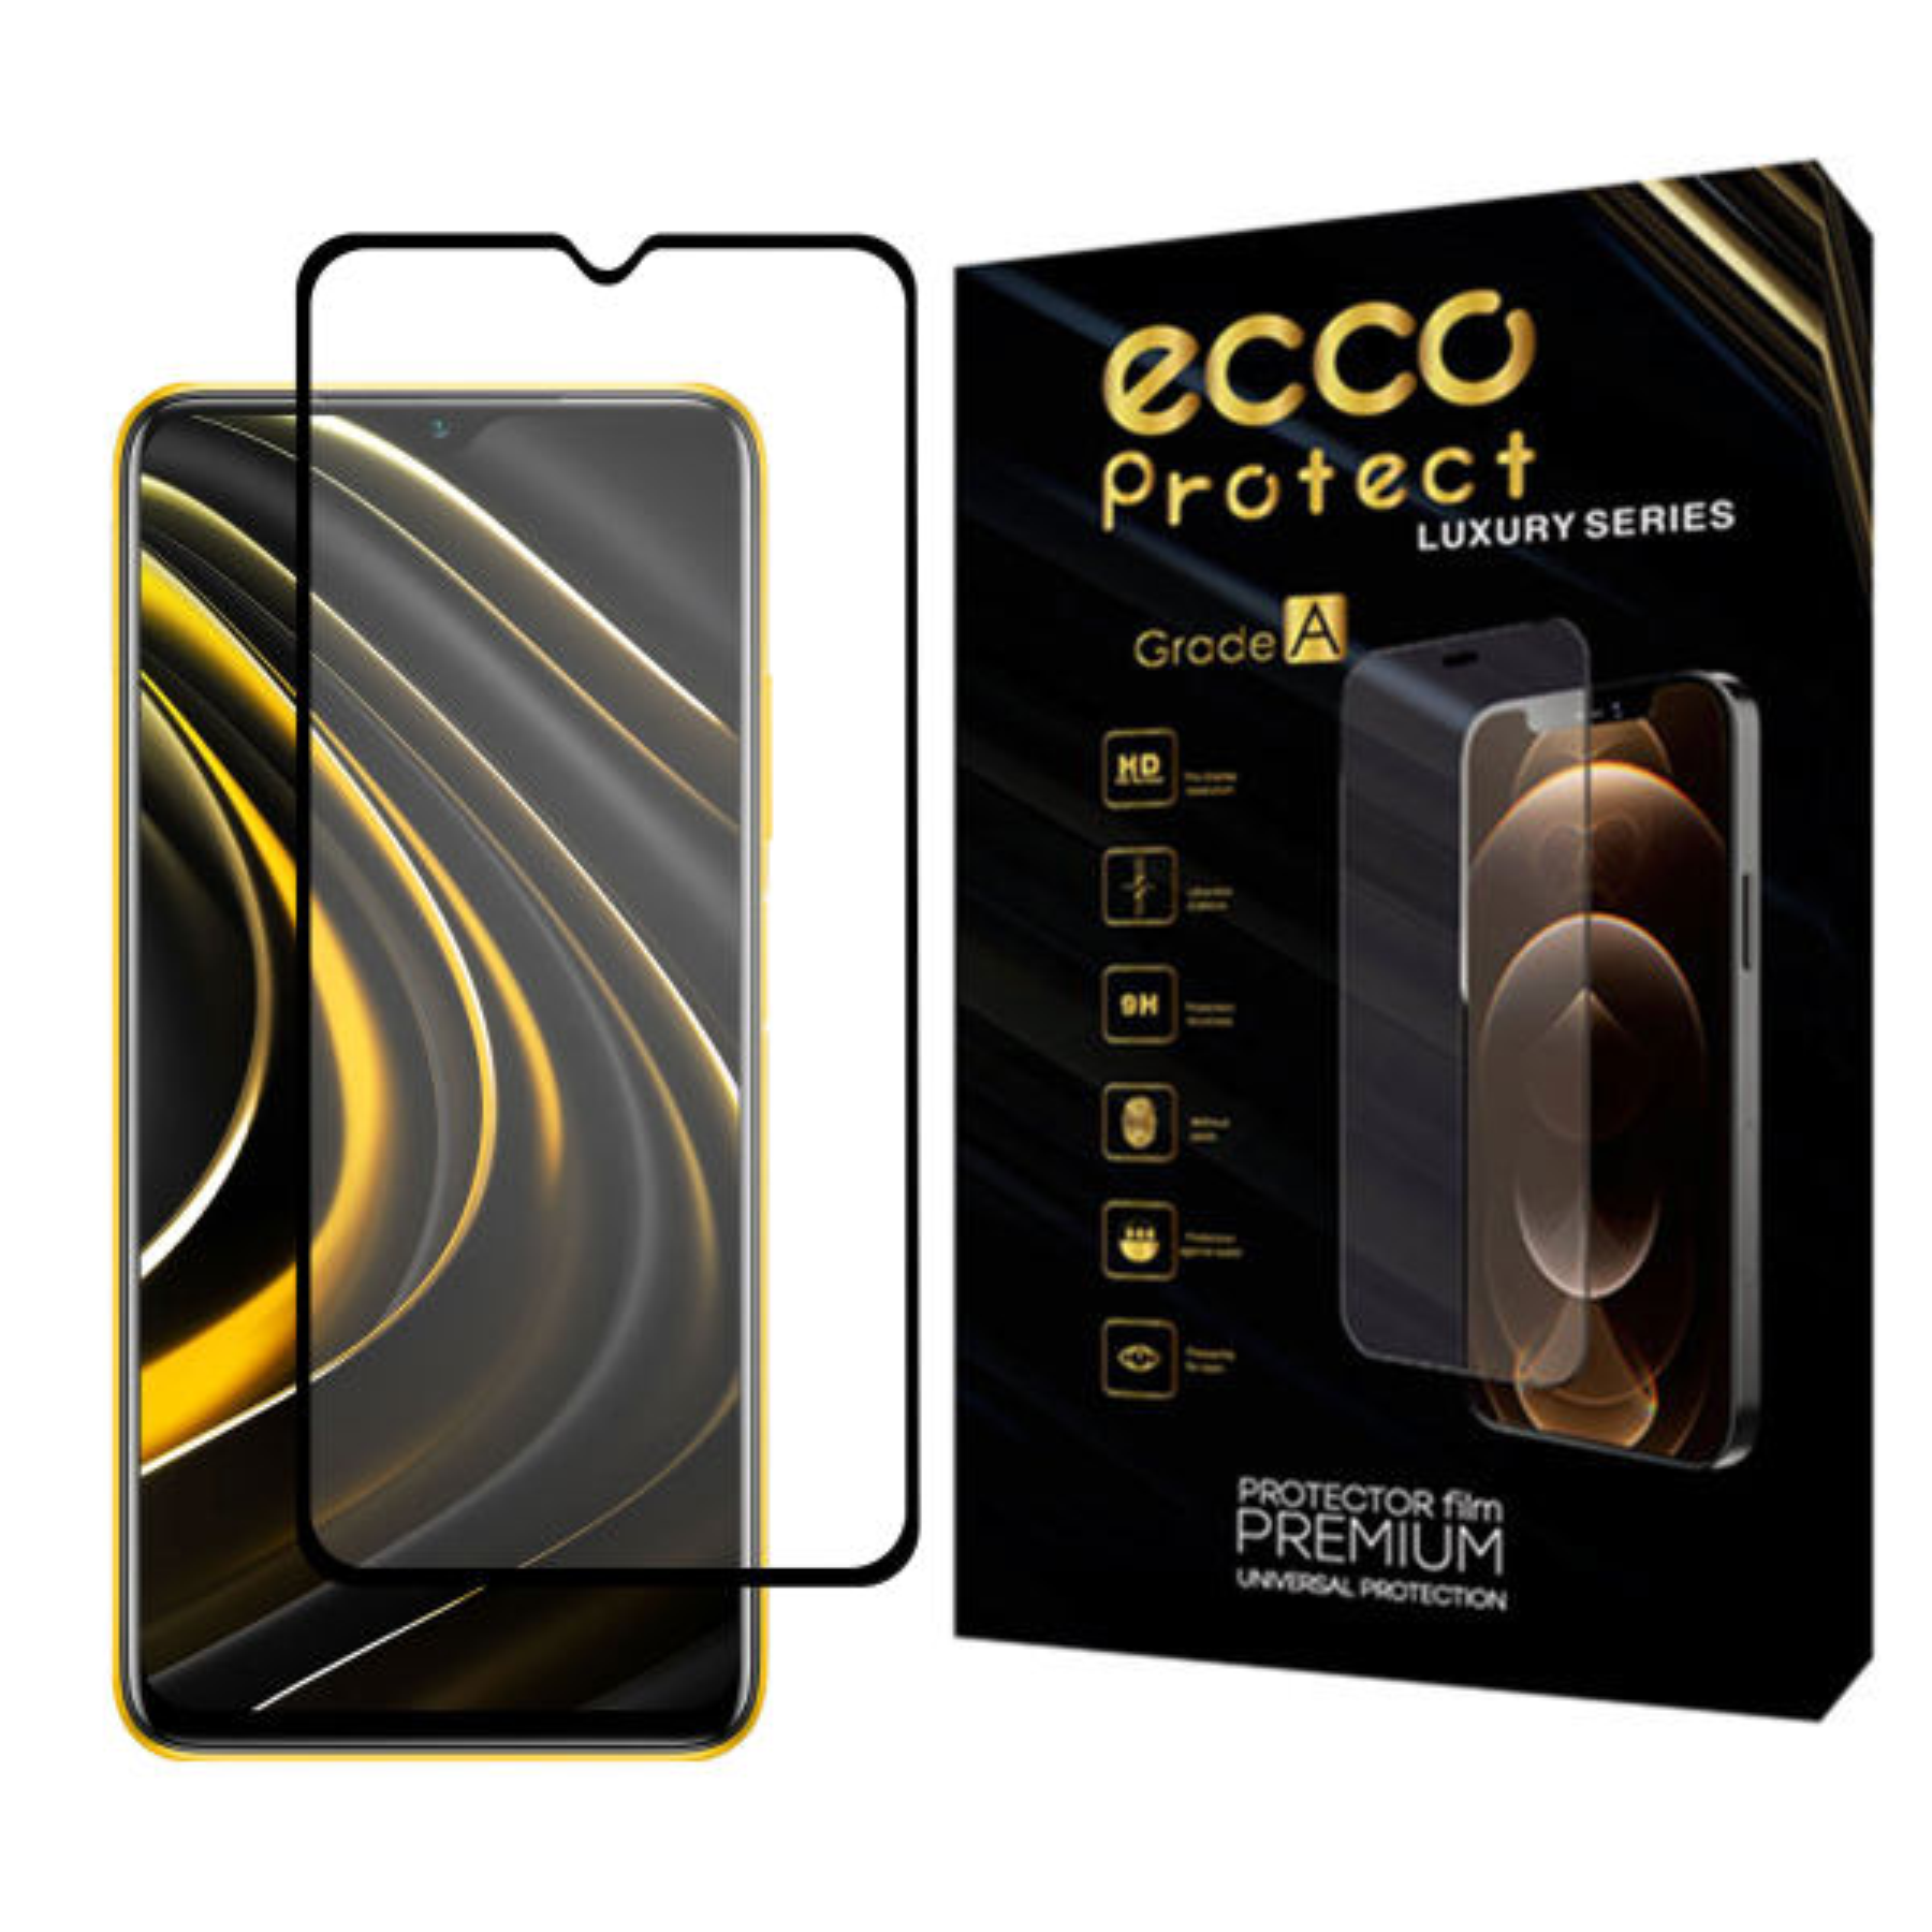 محافظ صفحه نمایش سرامیکی اکو پروتکت مدل ECG مناسب برای گوشی موبایل شیائومی Poco M3